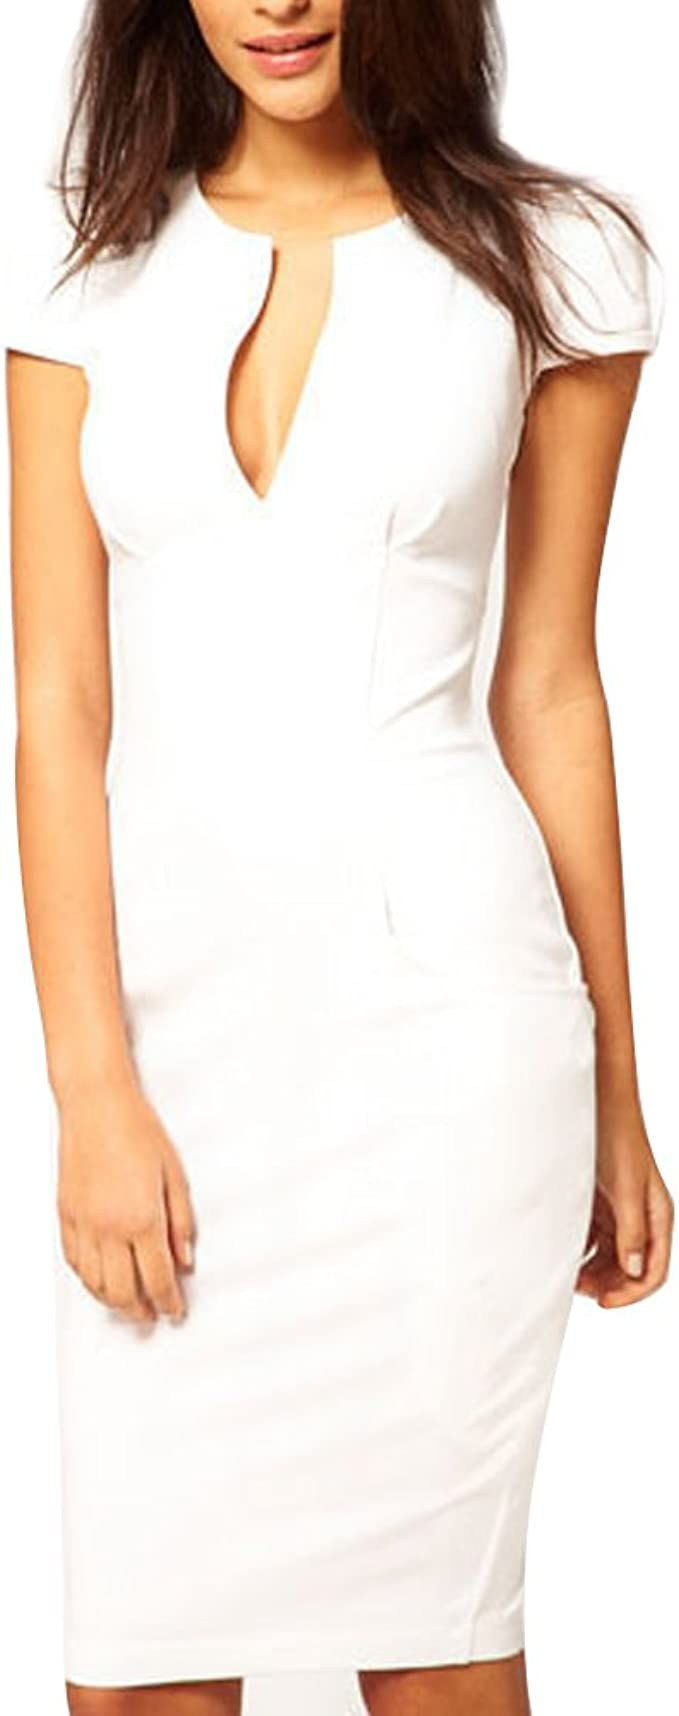 Damen Kleid Knielang Elegante Kleider sexy V-Ausschnitt